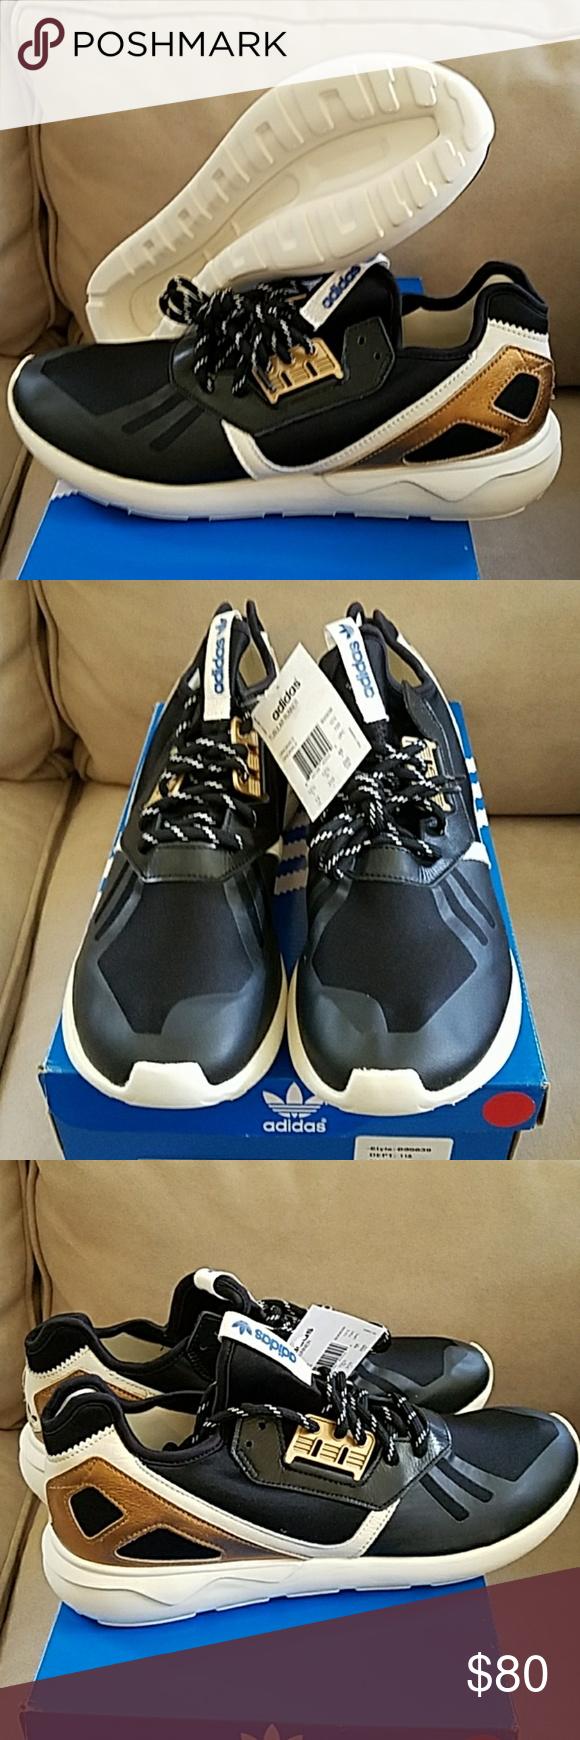 Adidas tubulare runner di nuovo con scatola nwt adidas tubulare runner